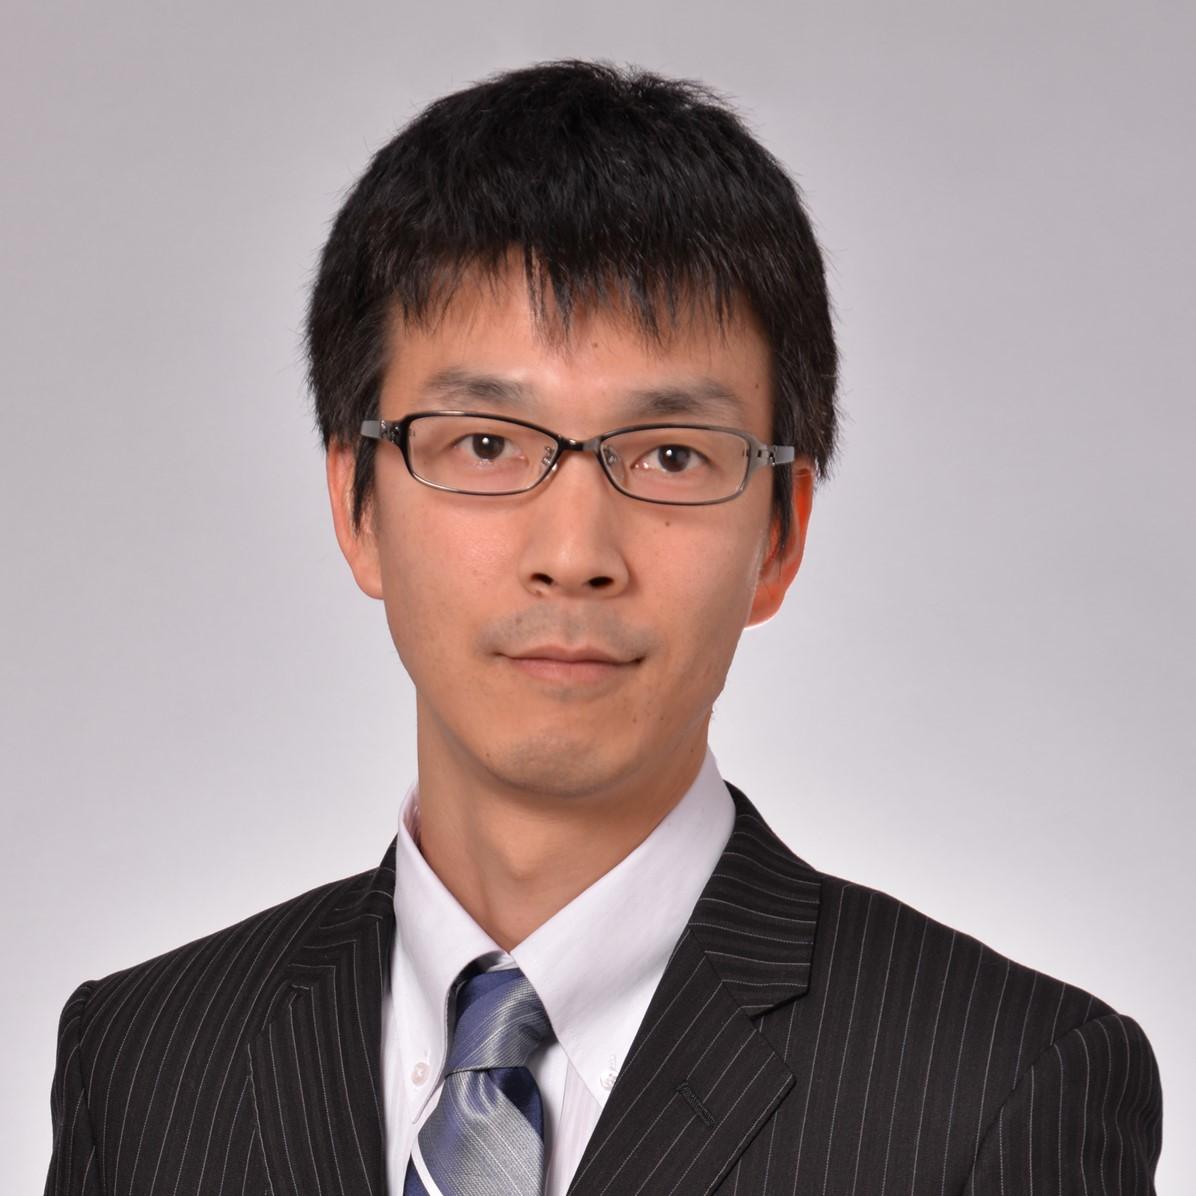 Takumo Yamada